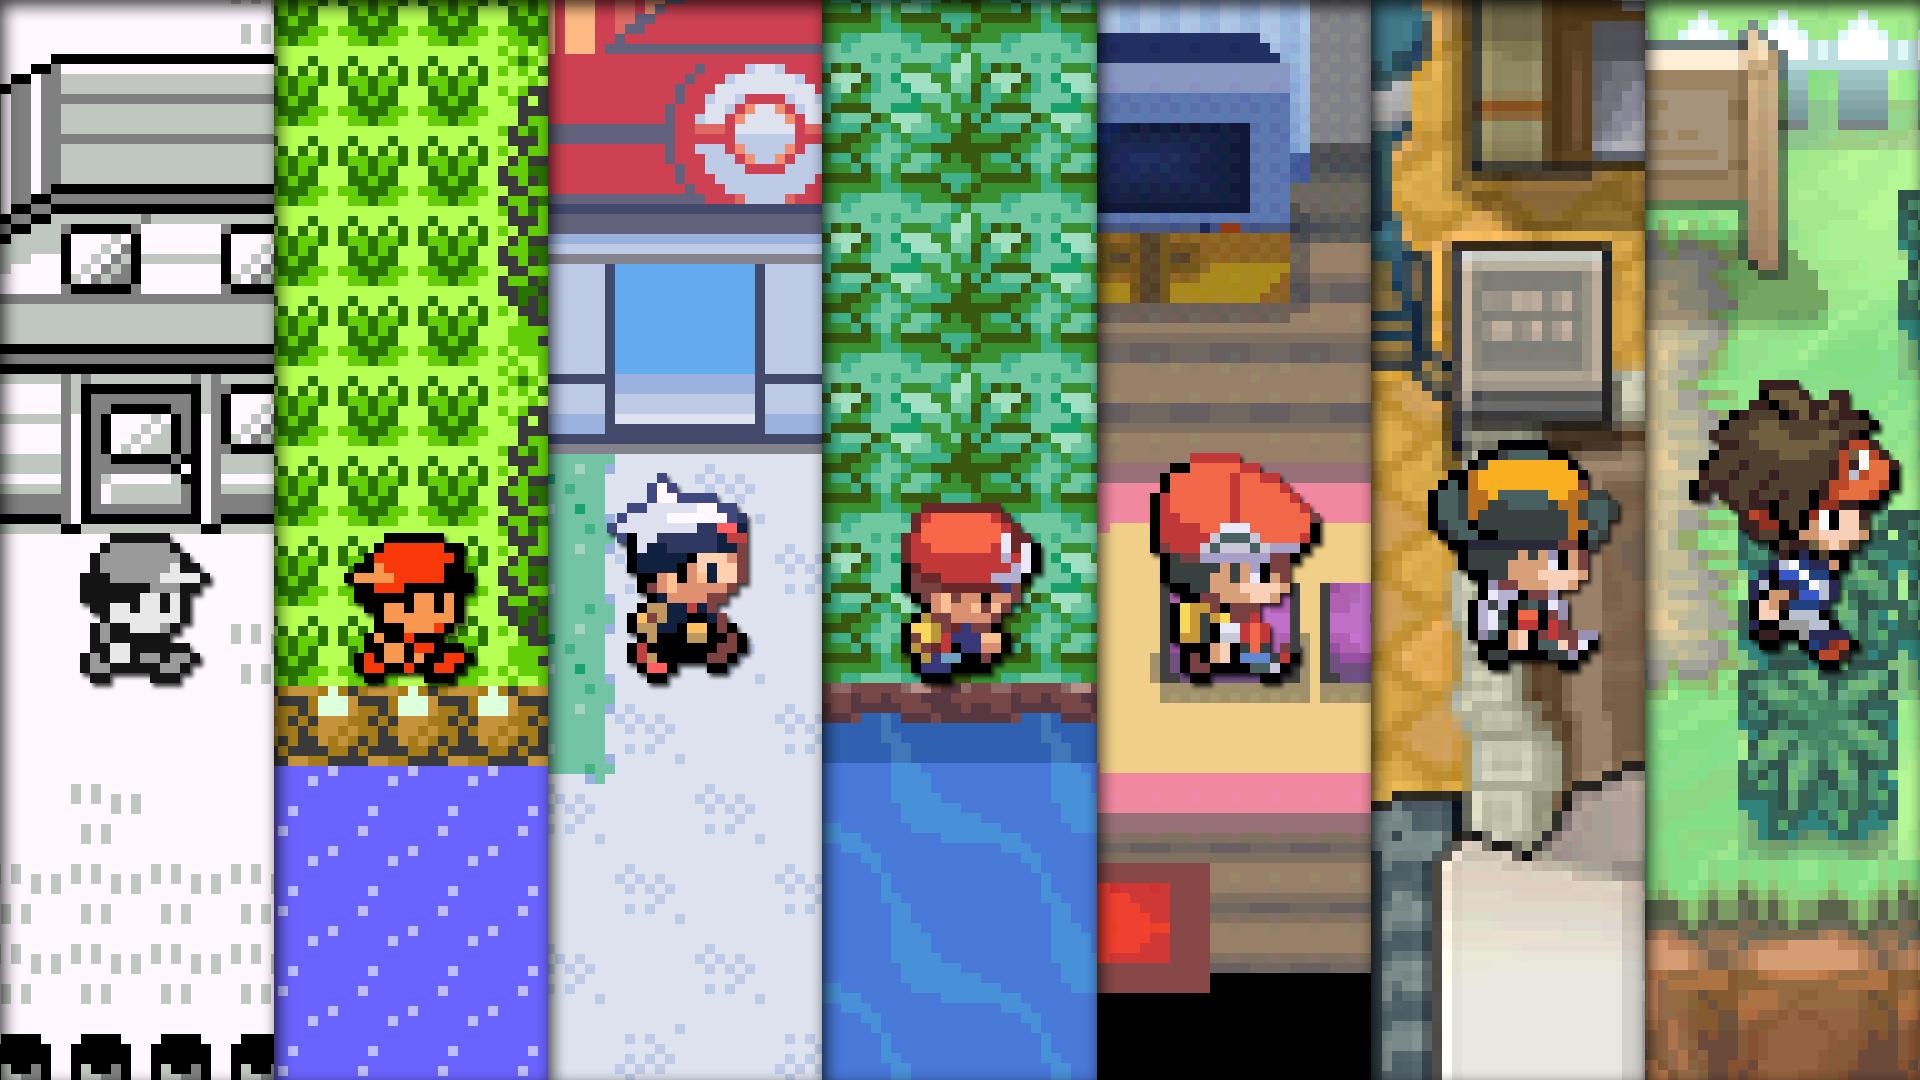 evolution_of_pokemon_by_jaime07-d632bp6